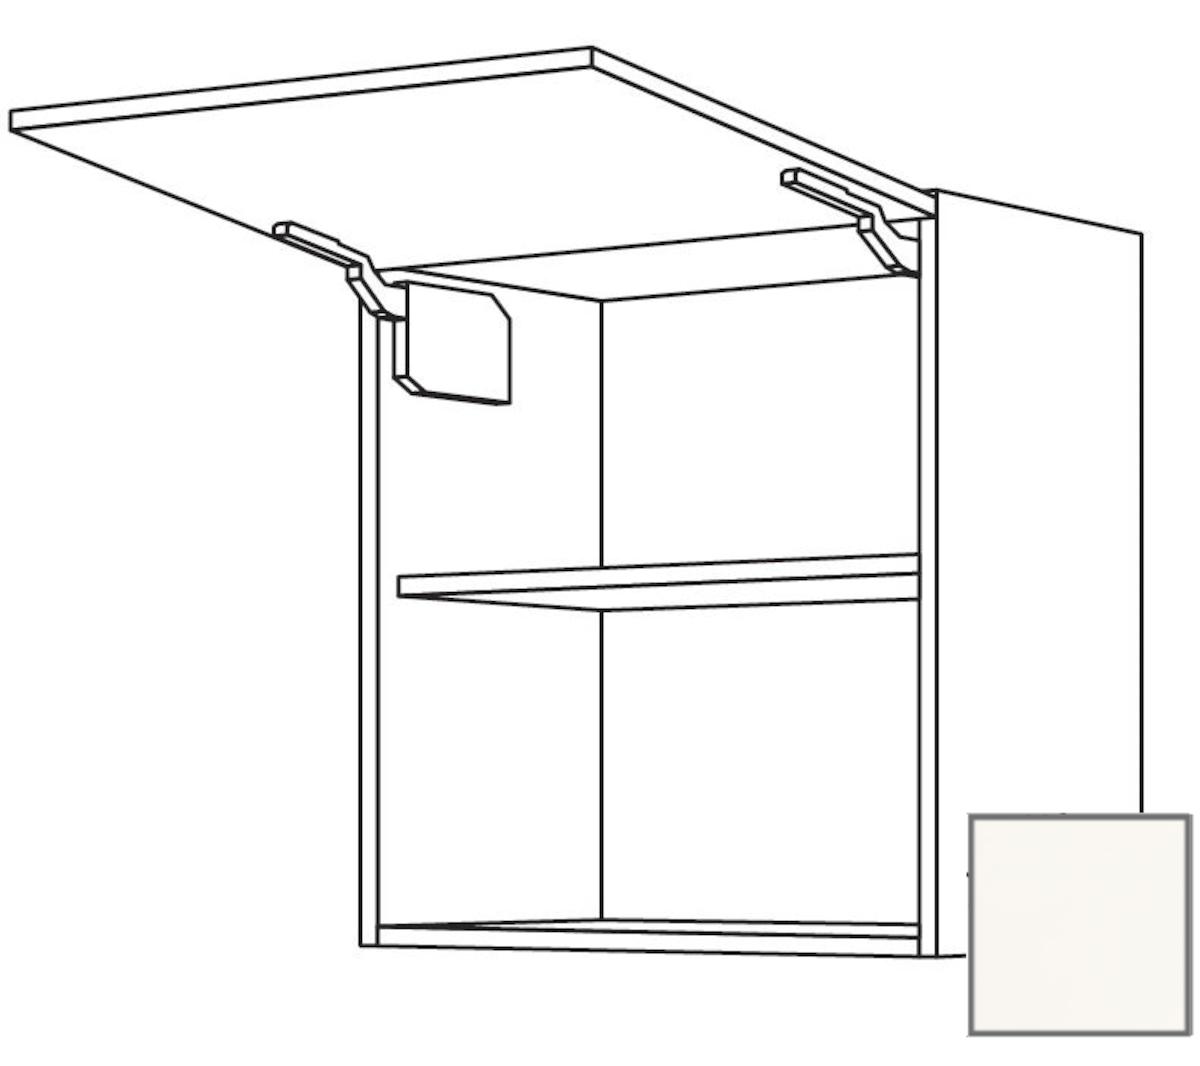 Kuchynská skrinka horní Naturel Erika24 výklopná 60x72x35 cm bílá lesk 450.WM601